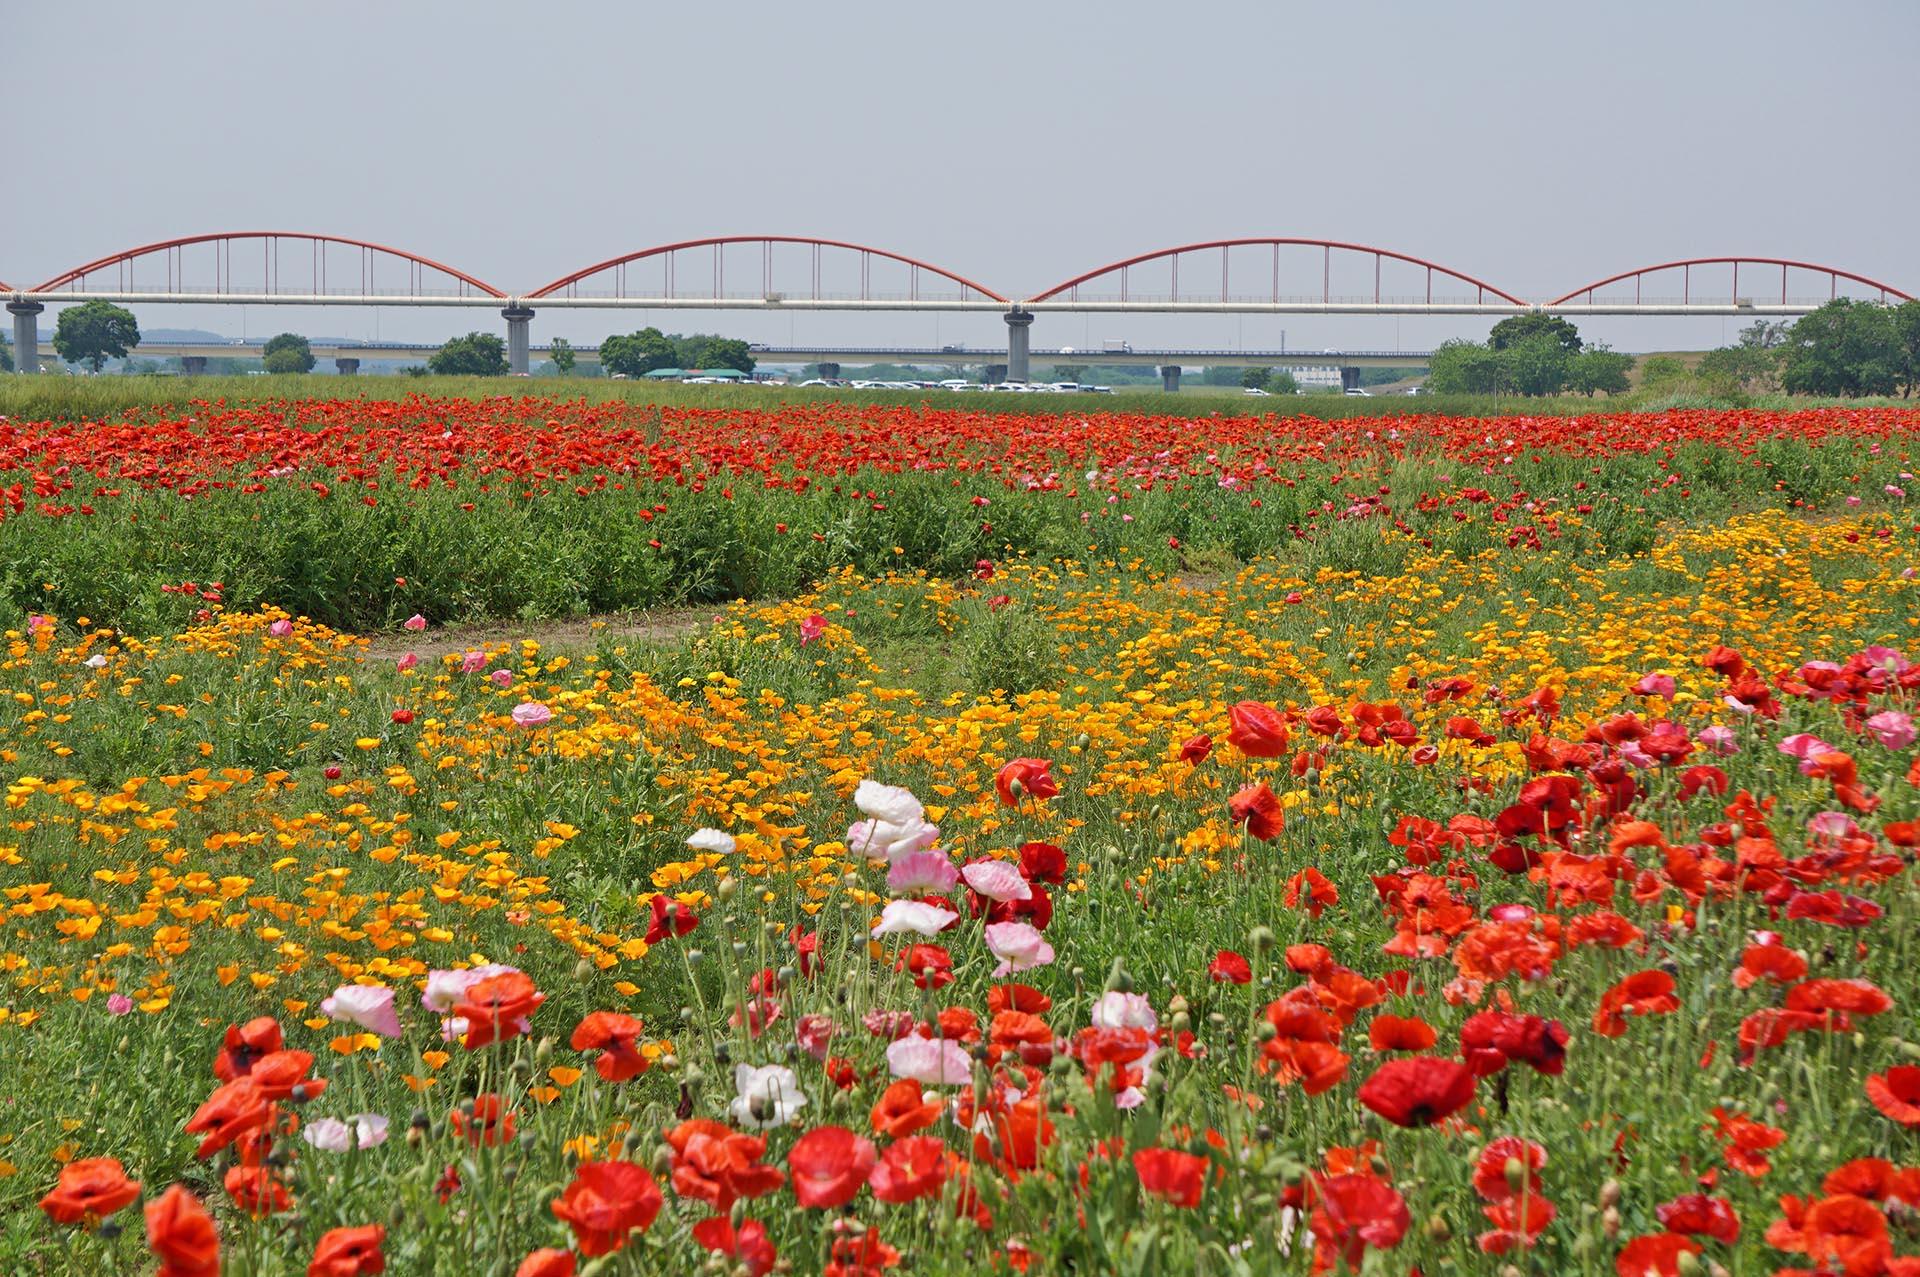 荒川水管橋とポピー